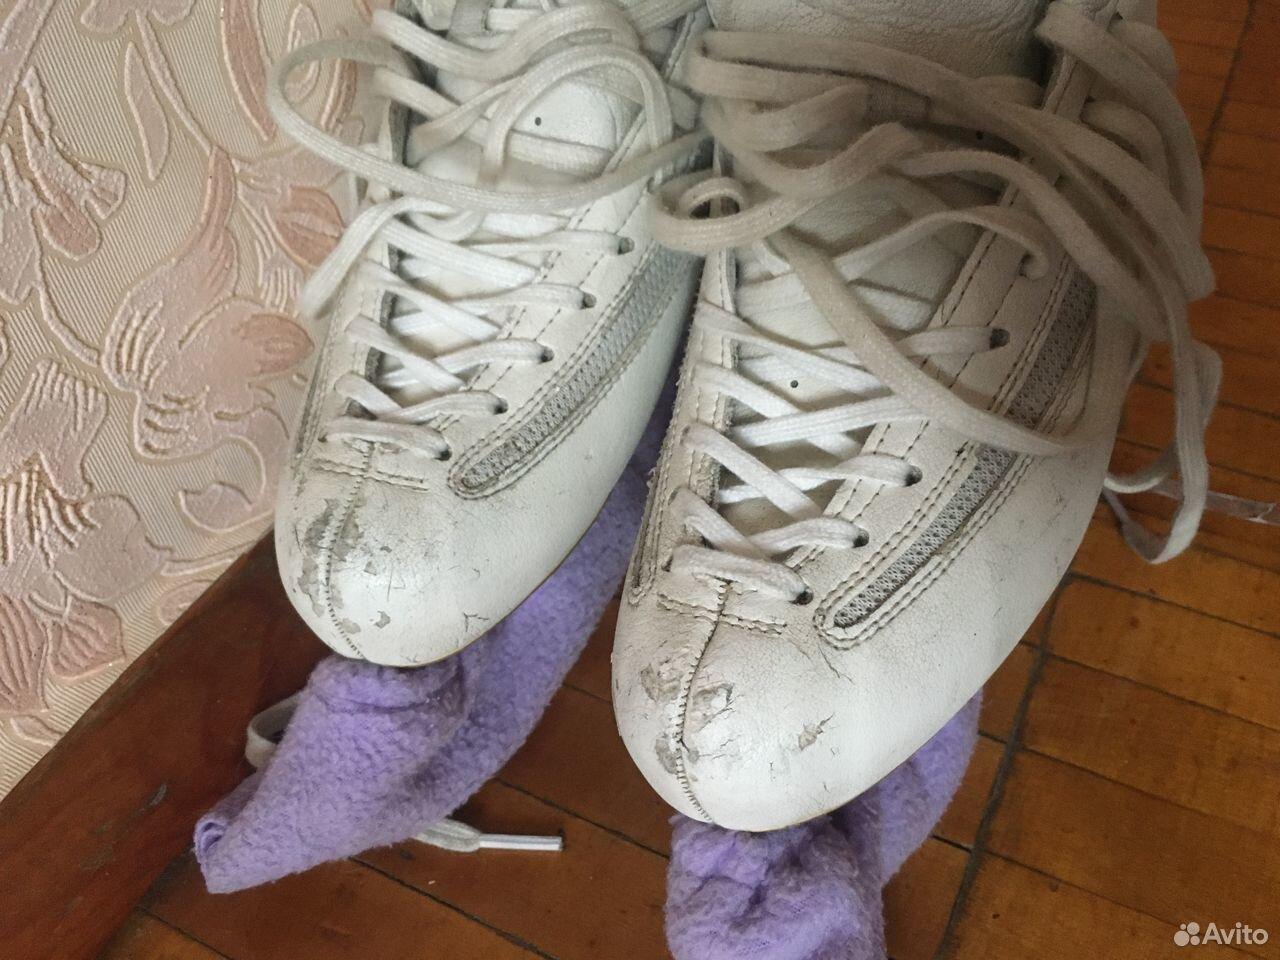 Ботинки фигурные edea ice fly  89221399556 купить 2